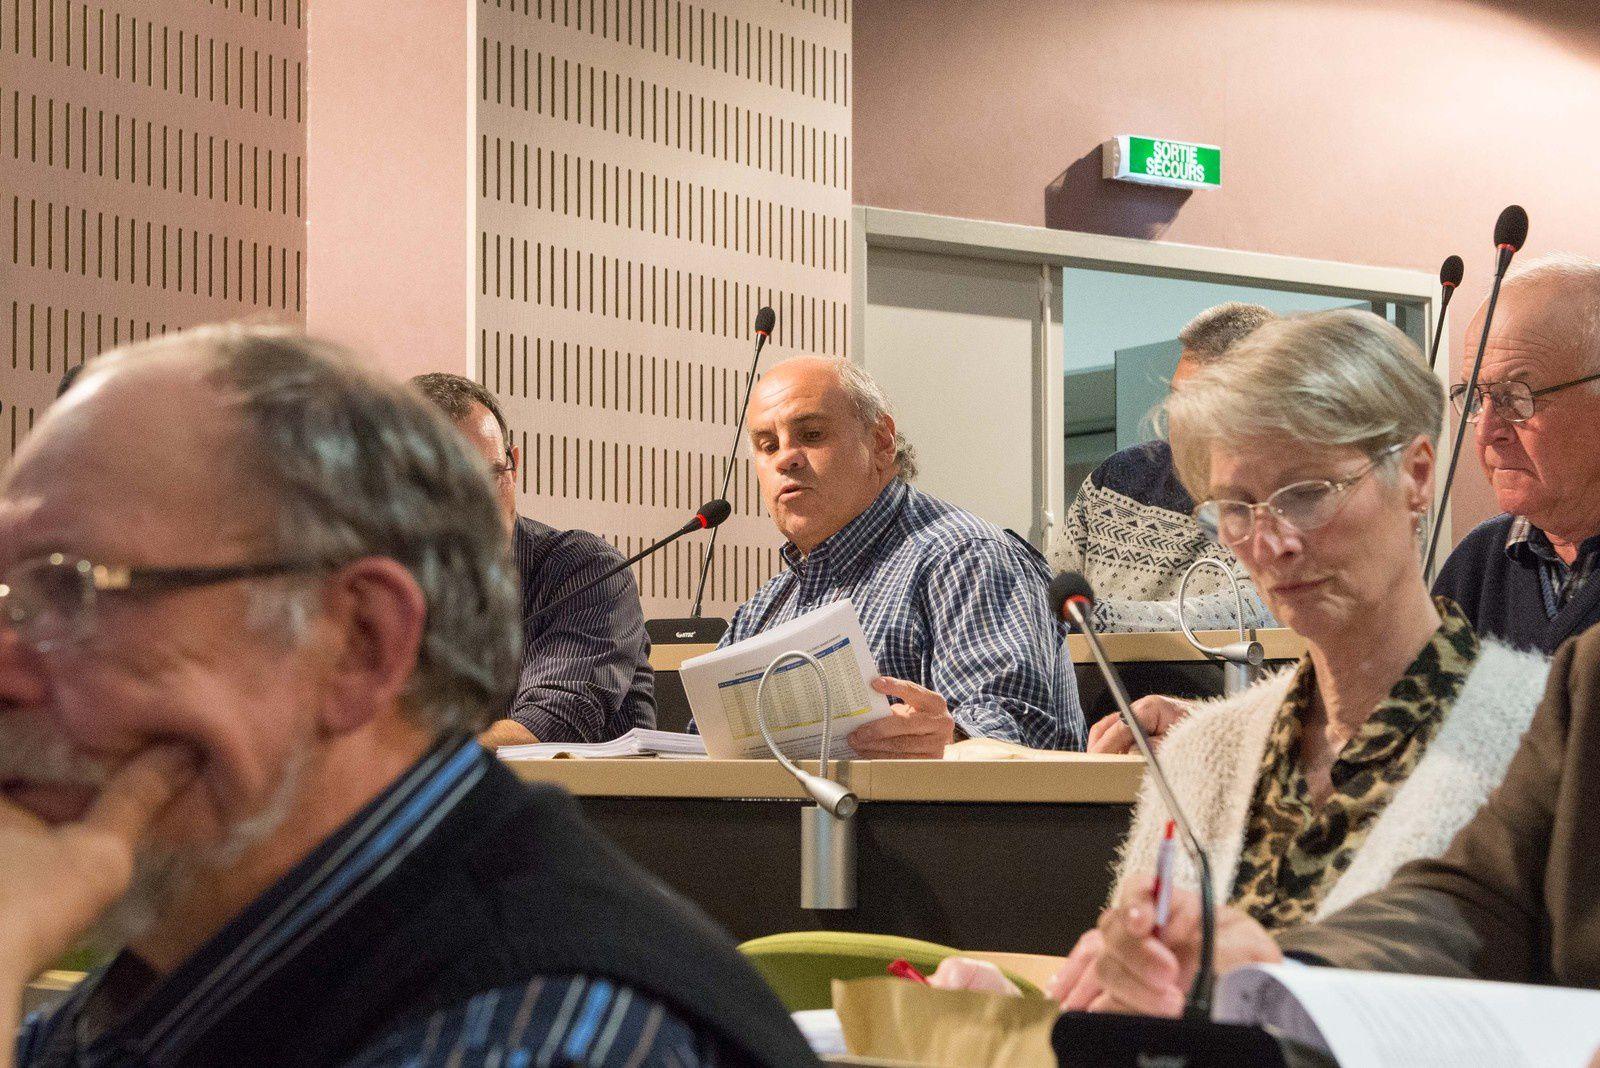 Conseil Communautaire : le budget prévisionnel voté presque à l'unanimité !